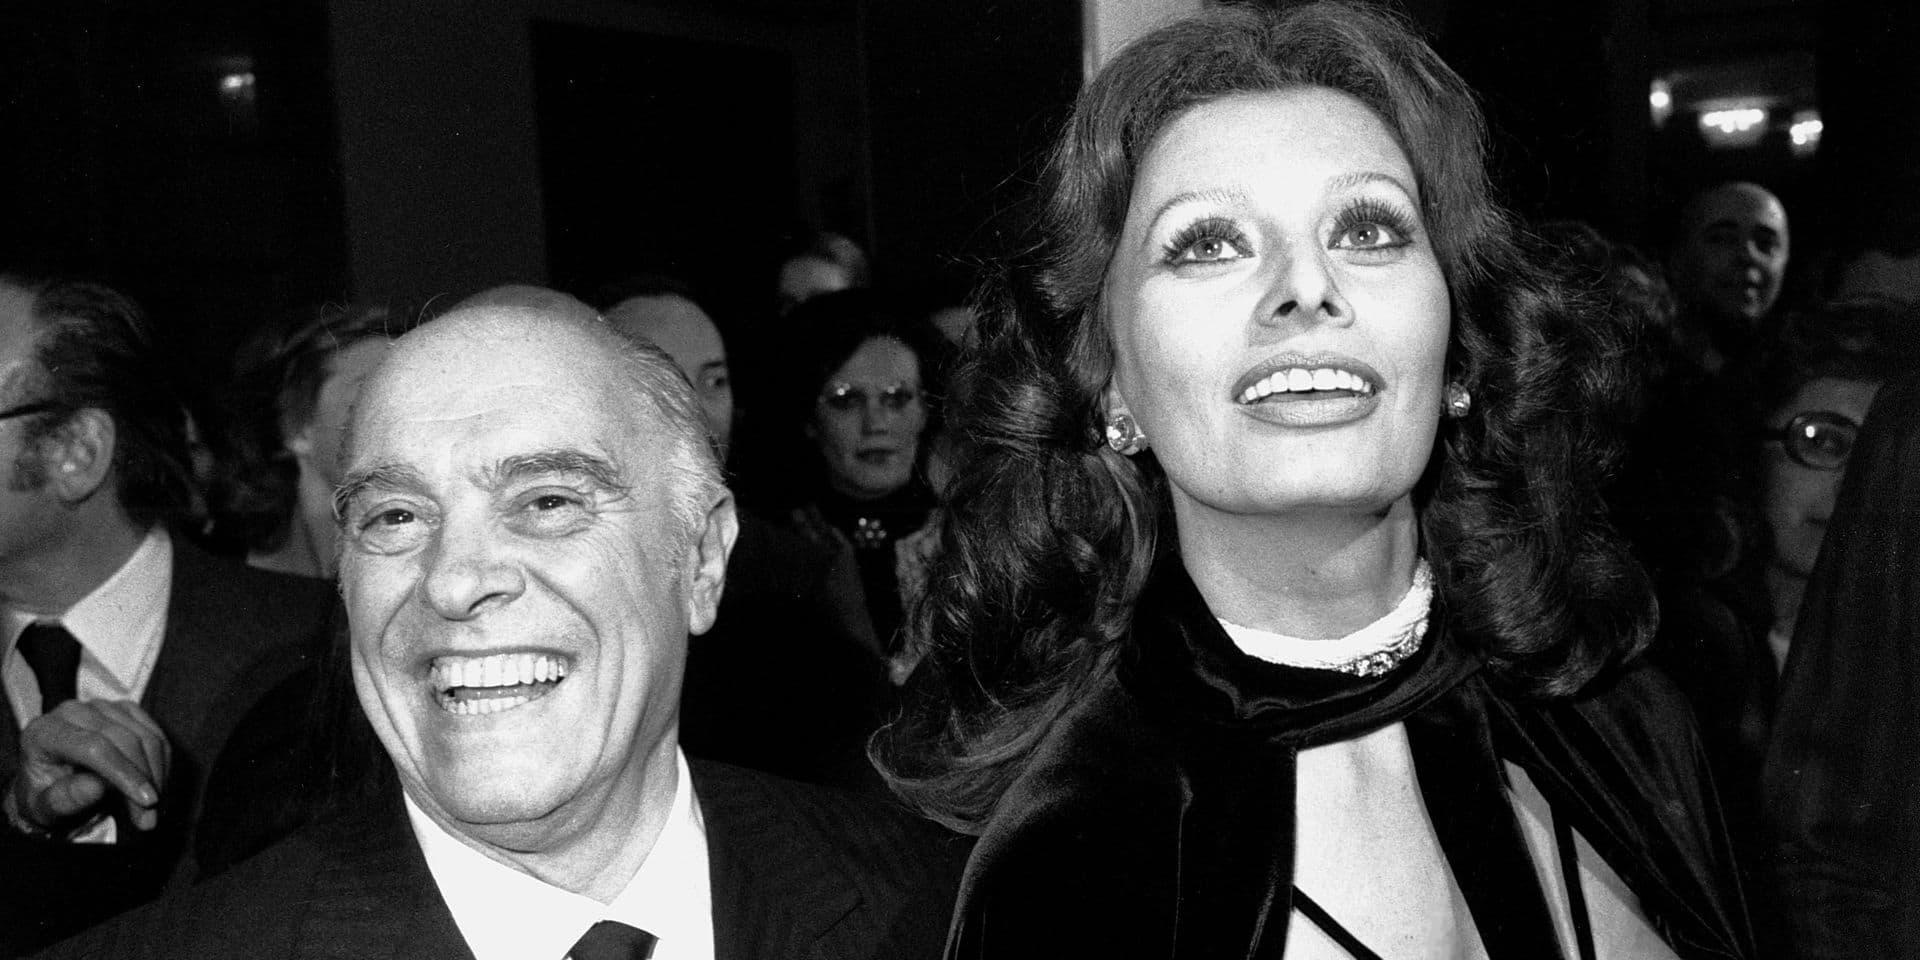 19 millions d'euros: le prix de vente de la villa romaine de Carlo Ponti, mari de Sophia Loren